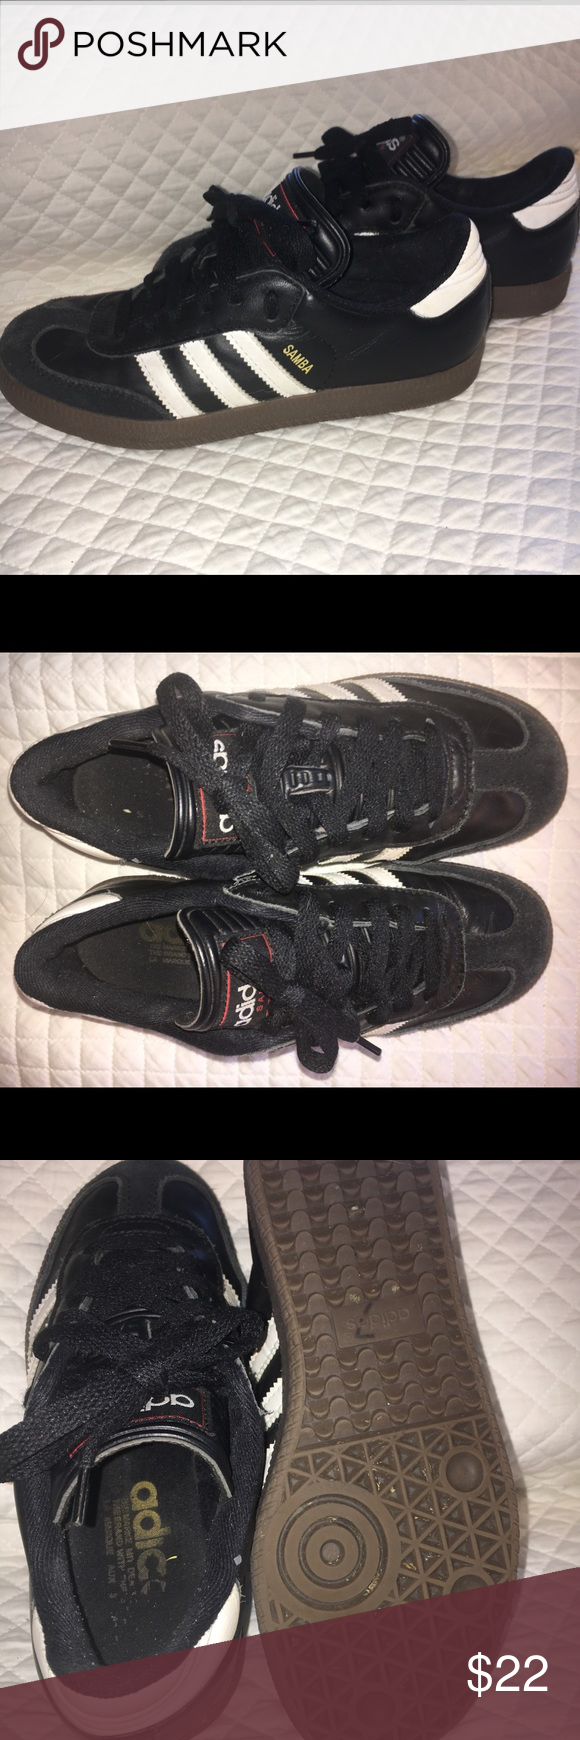 Adidas Samba clasicos zapatilla Adidas zapatos, negro Suede y Adidas